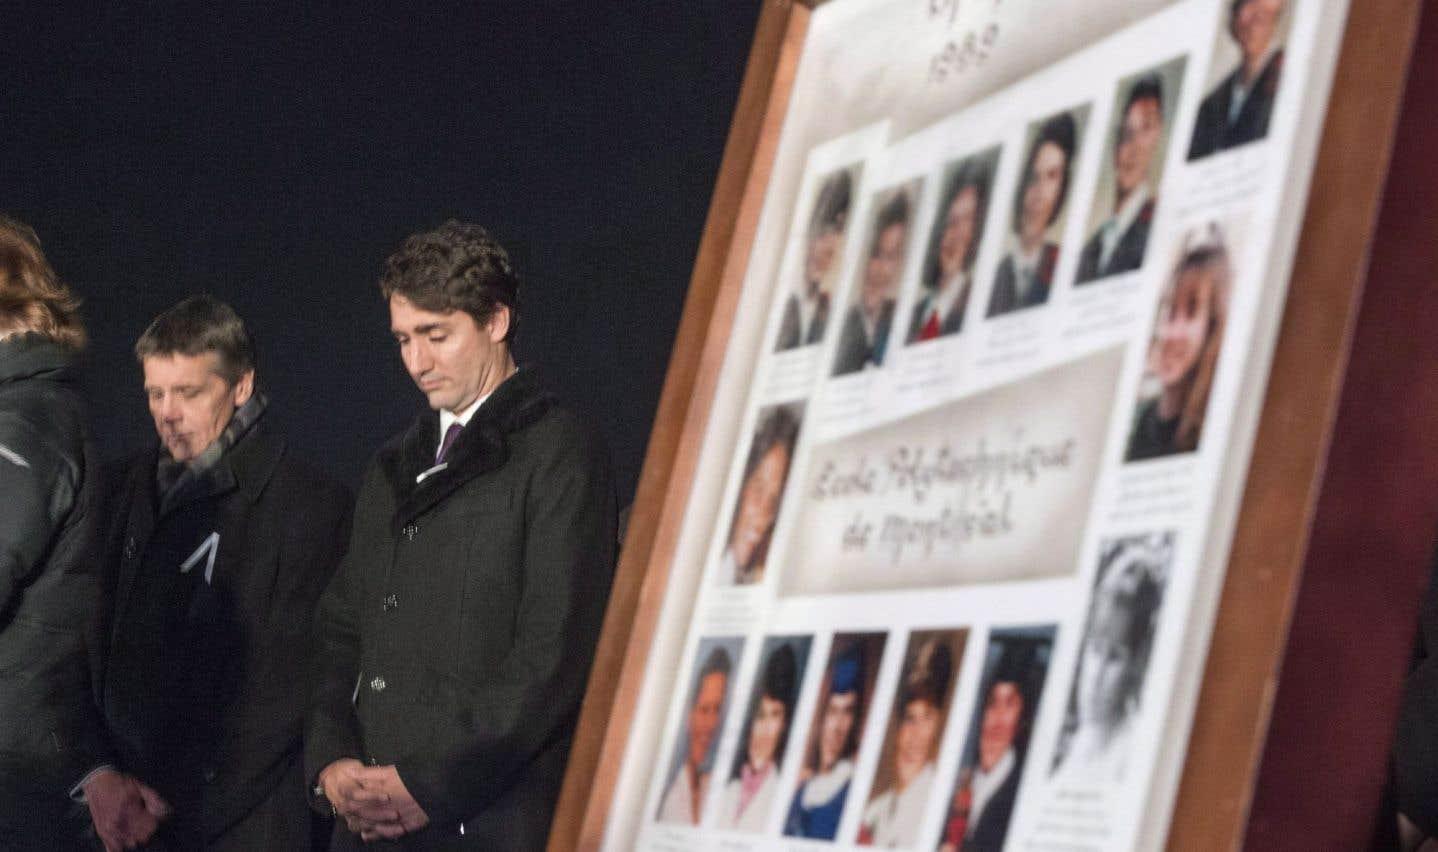 Trudeau commémore le 6 décembre sans parler d'armes à feu